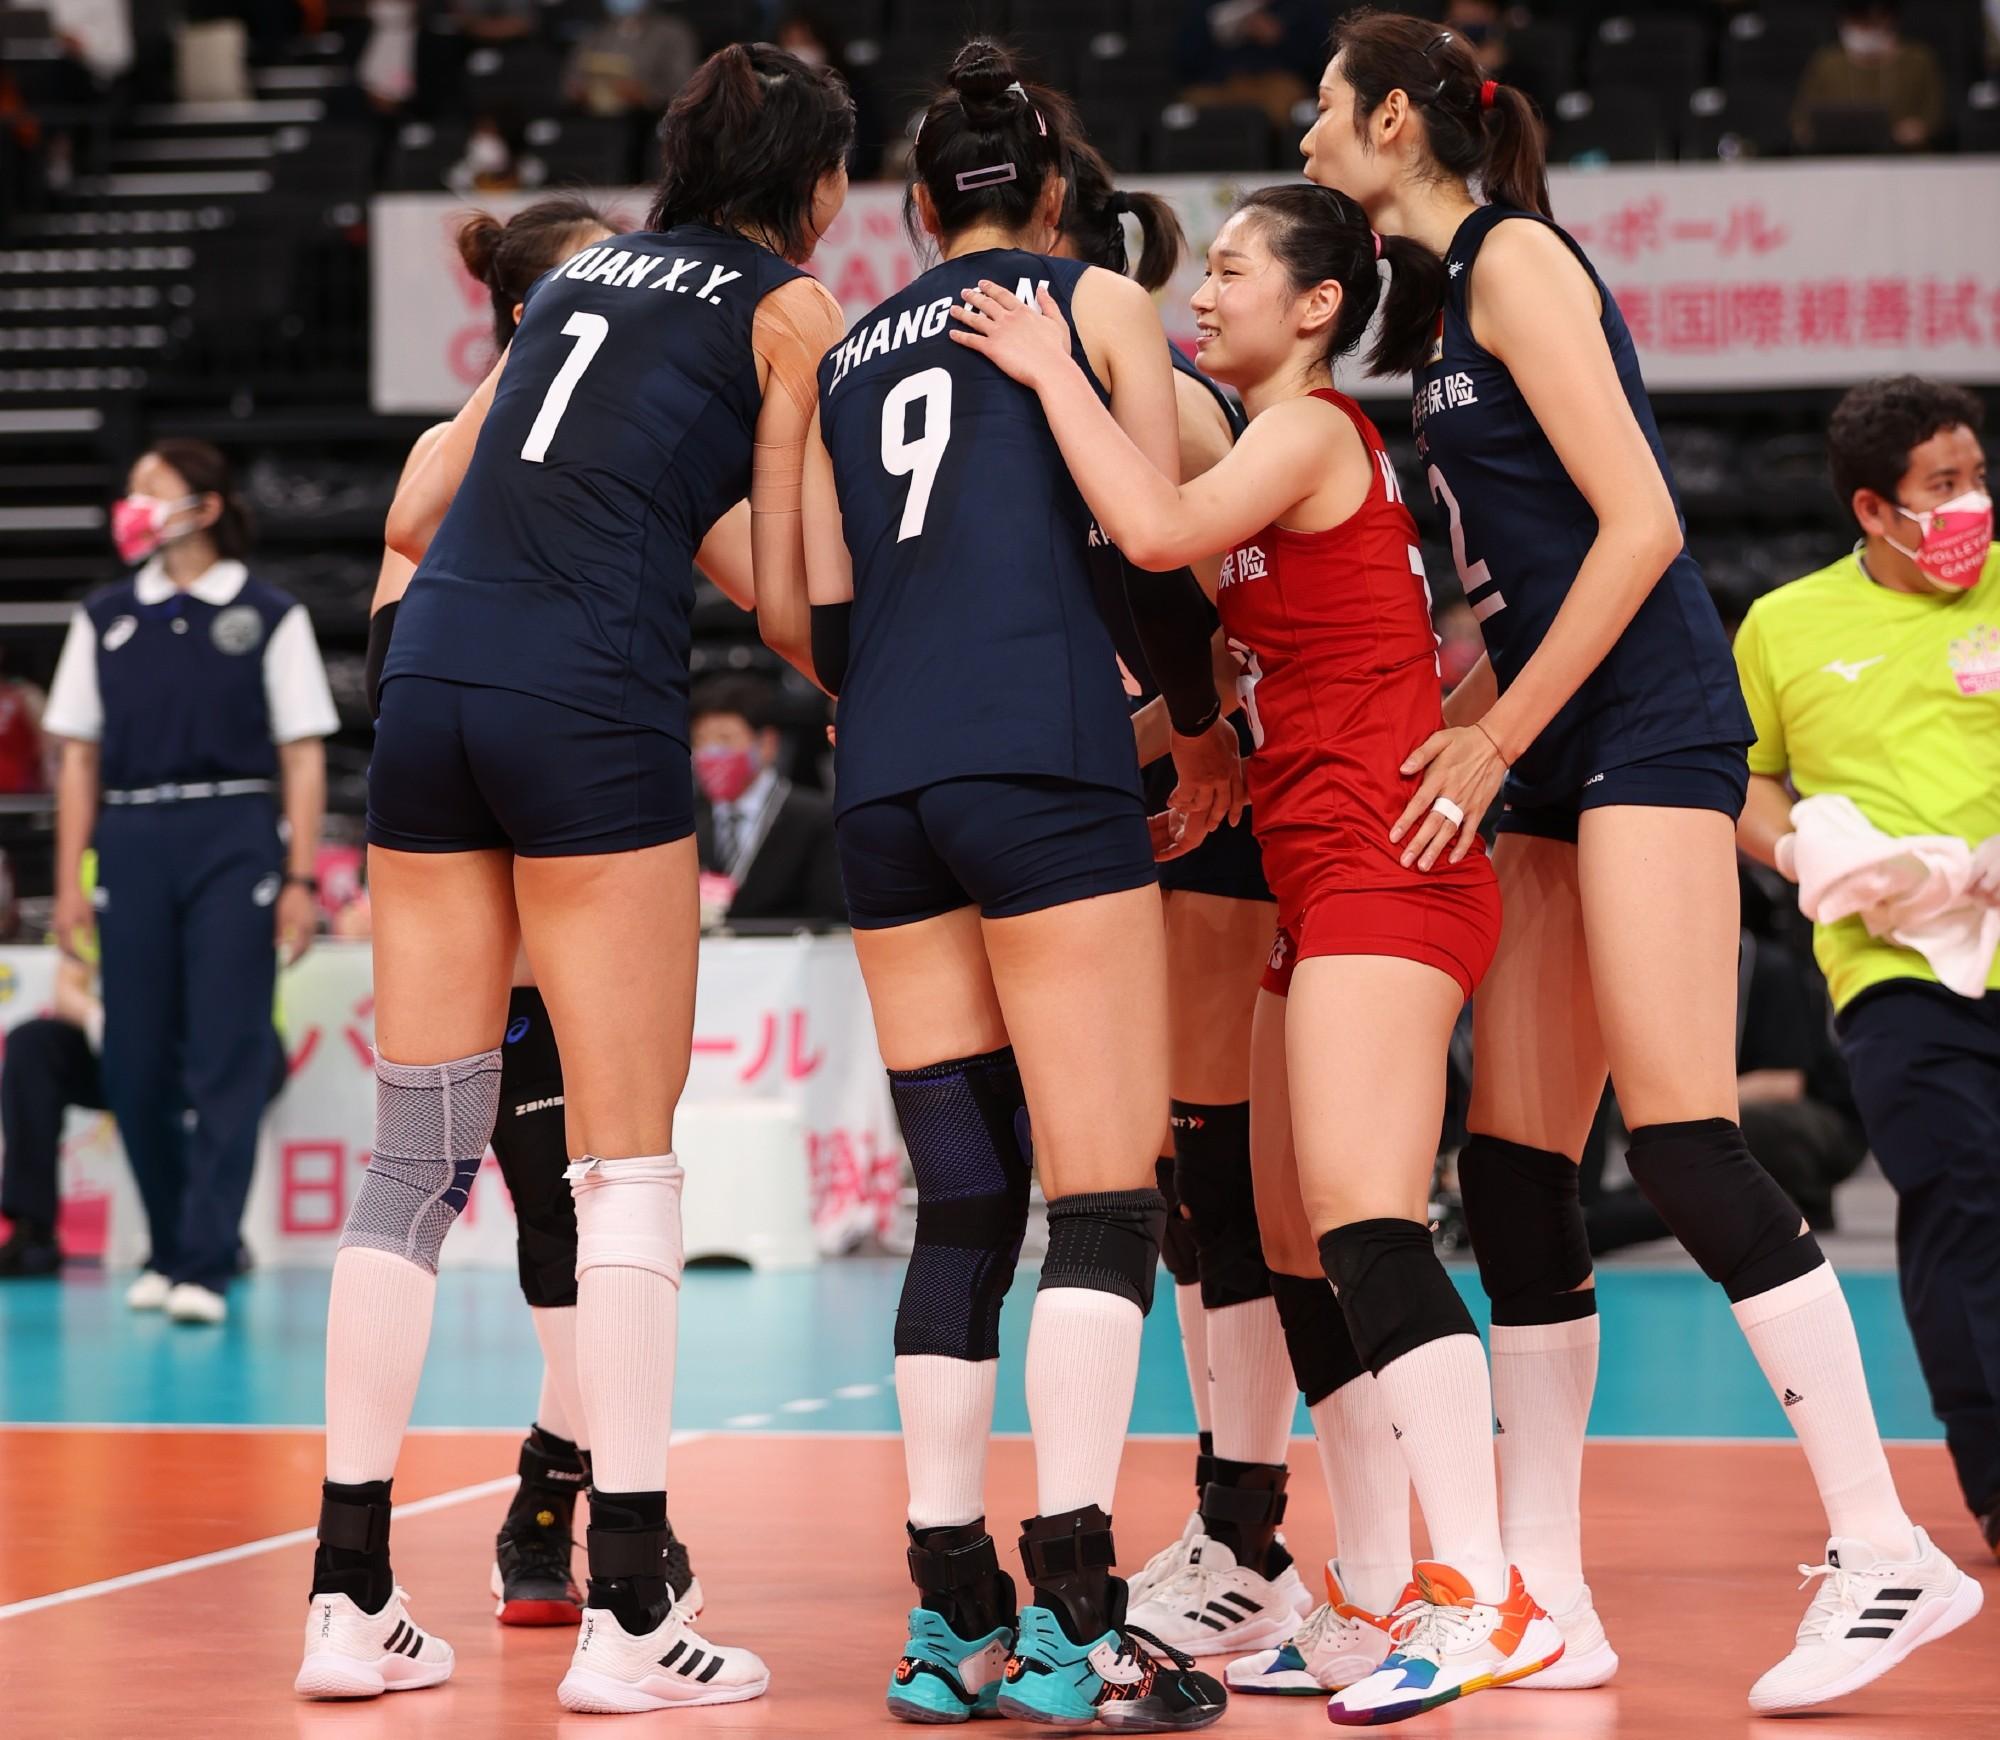 中国女排首秀并不完美,主二传丁霞暴露缺点,姚迪奥运位置稳了